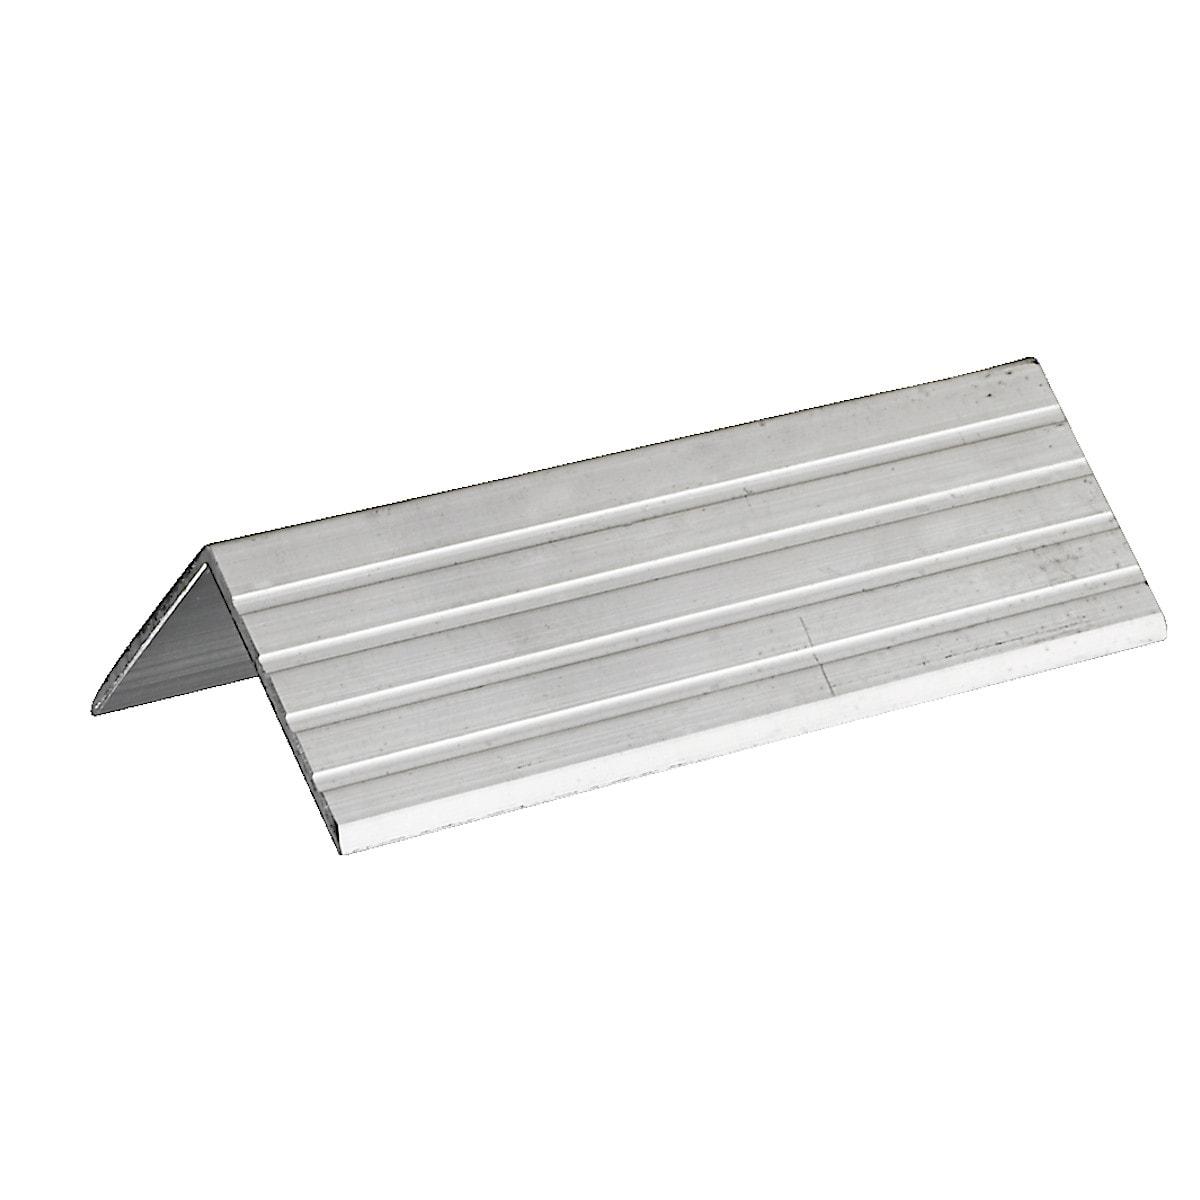 Aluminiumprofil till case och lådor